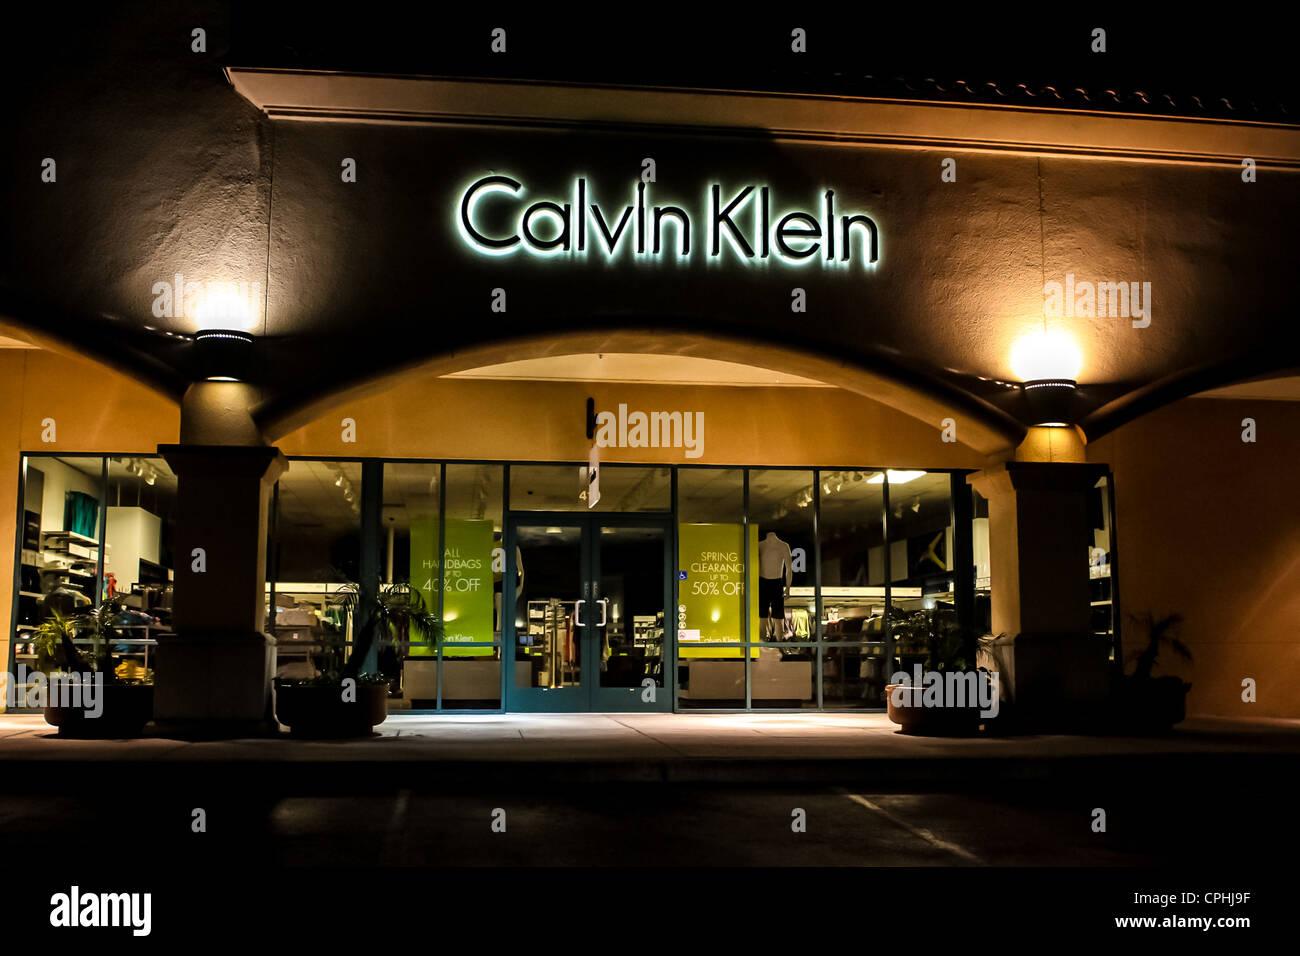 calvin klein outlet store in camarillo california stock photo